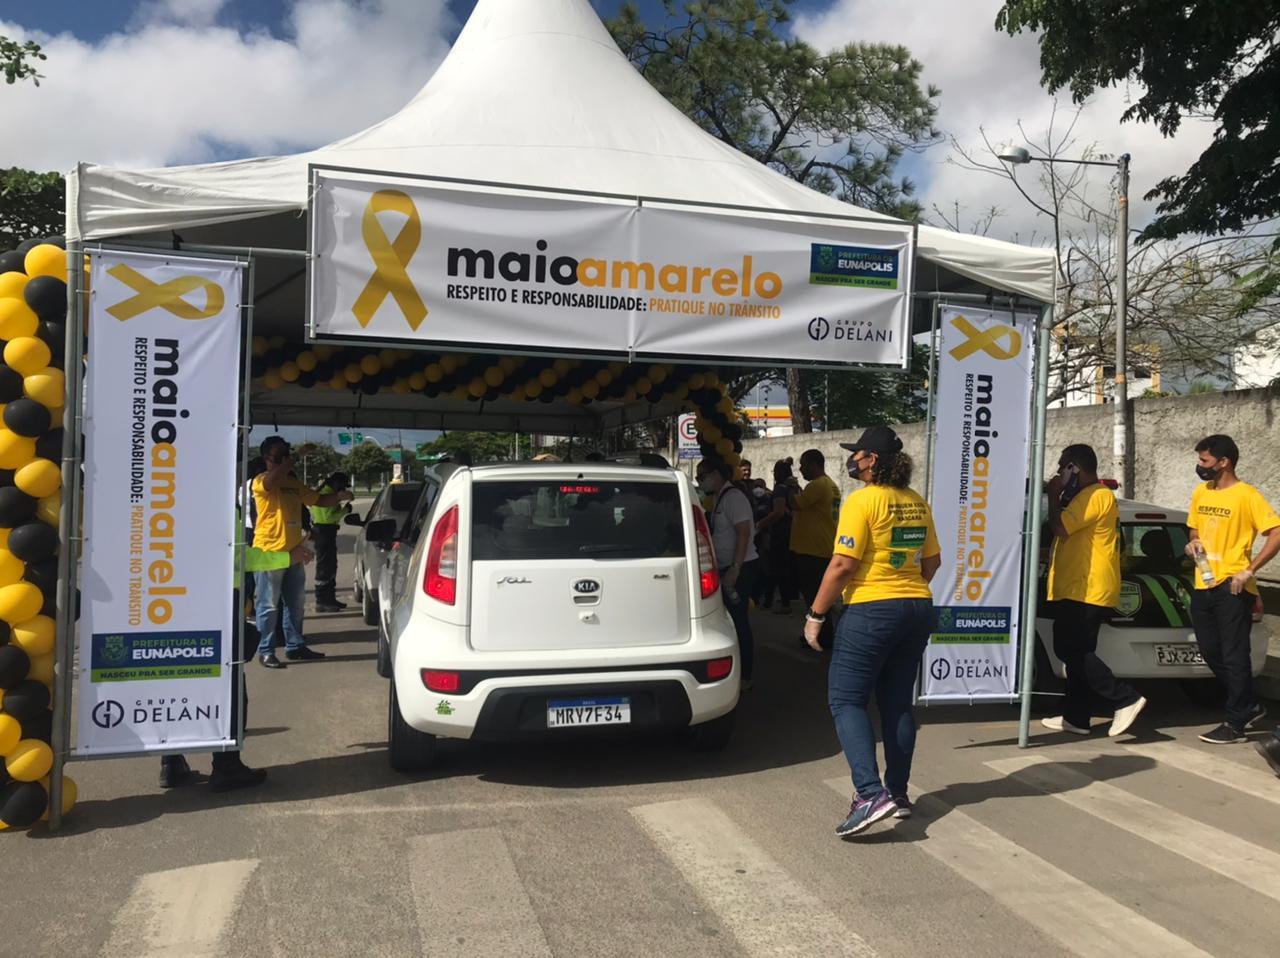 Prefeitura de Eunápolis inicia campanha Maio Amarelo por um trânsito mais seguro 26